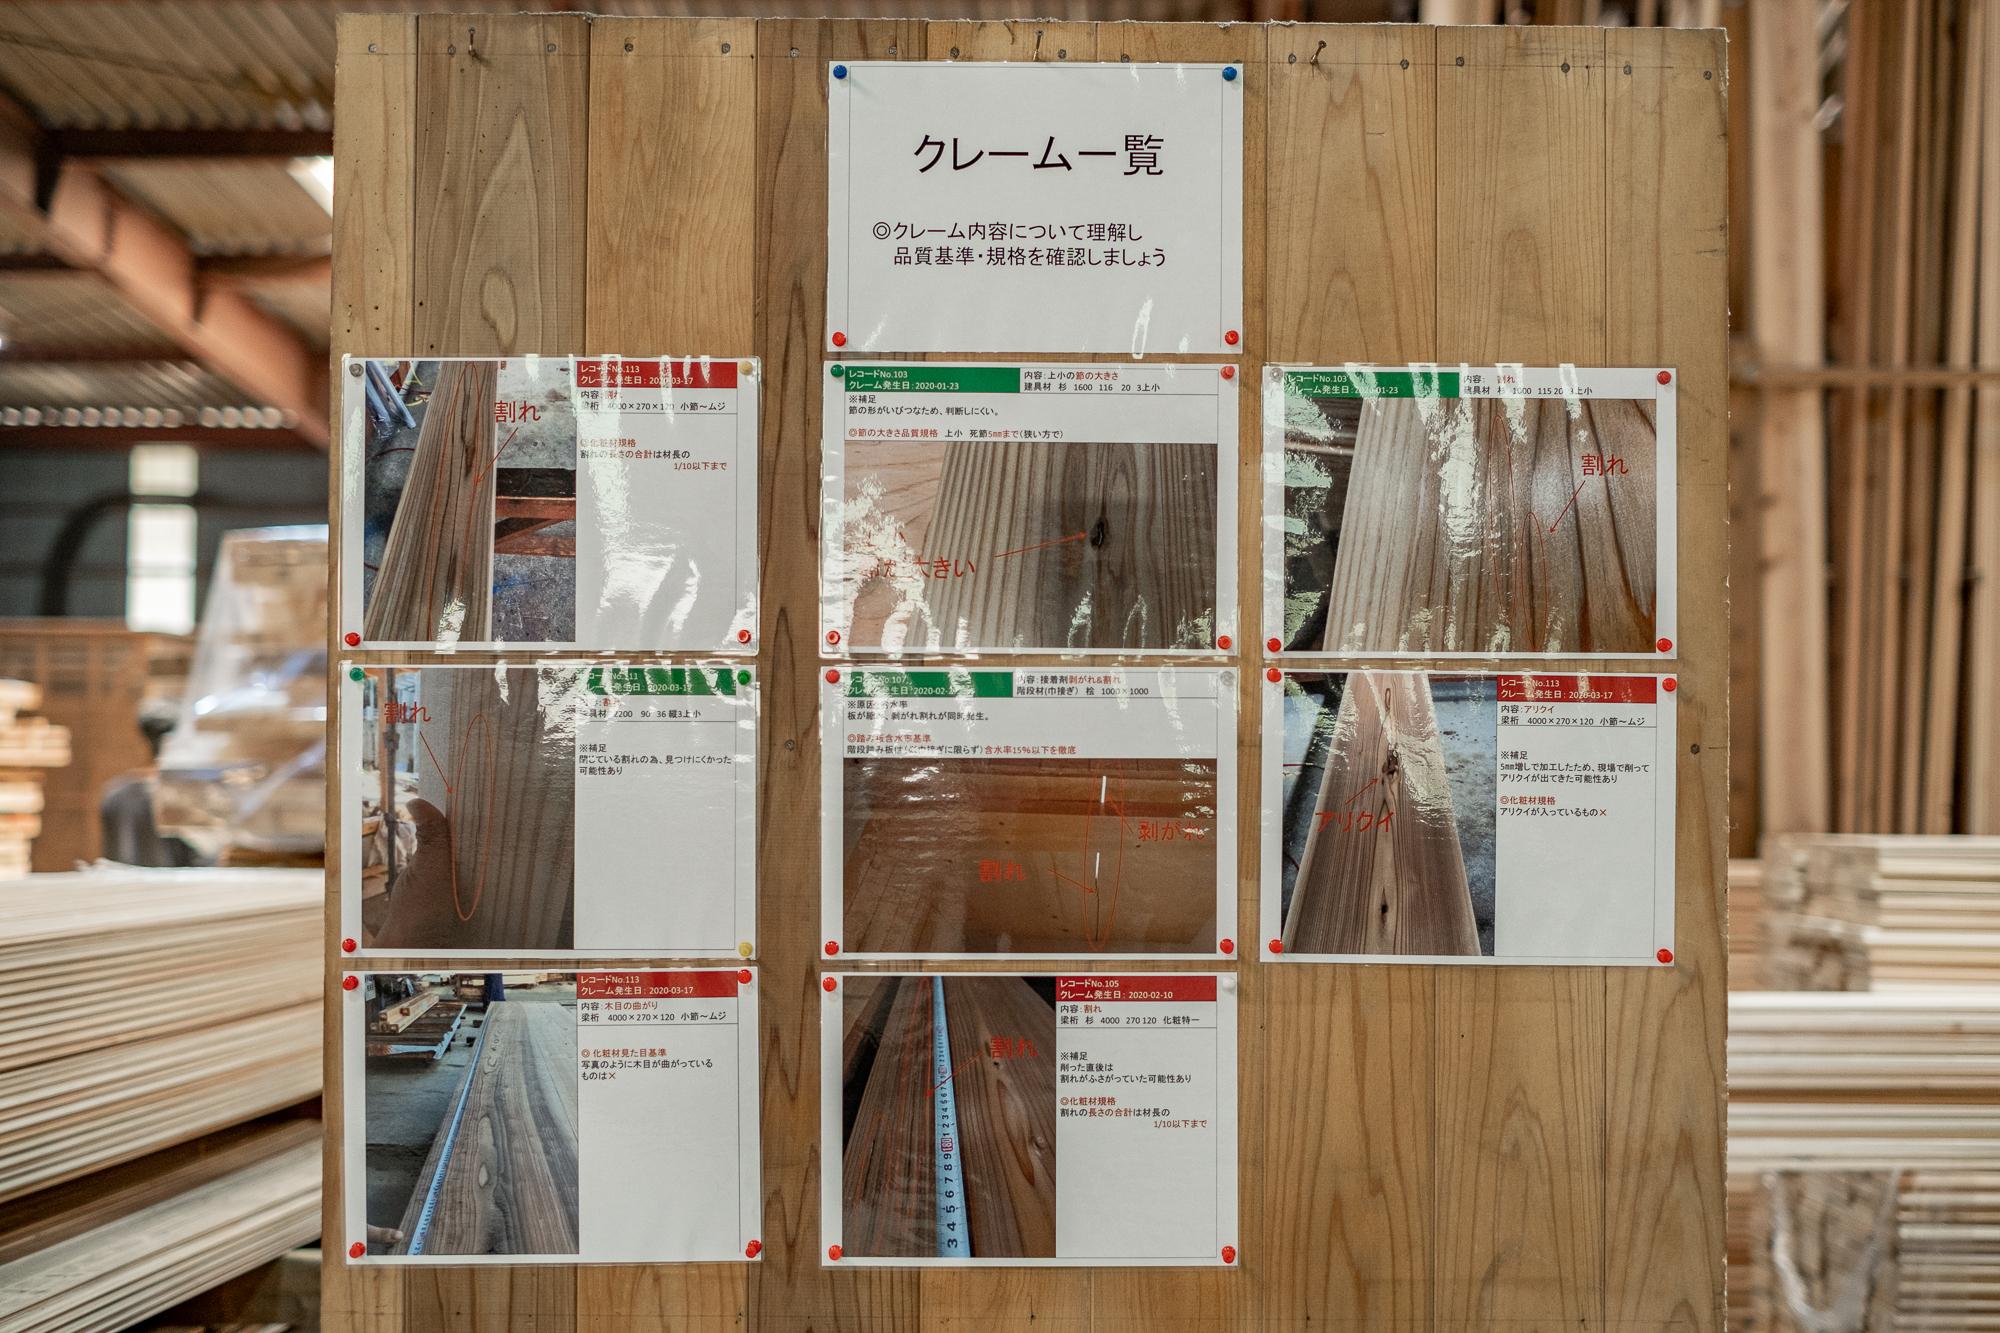 工場ではハネ材の基準を明確にして、現場の選別レベルの向上に取り組んでいます。